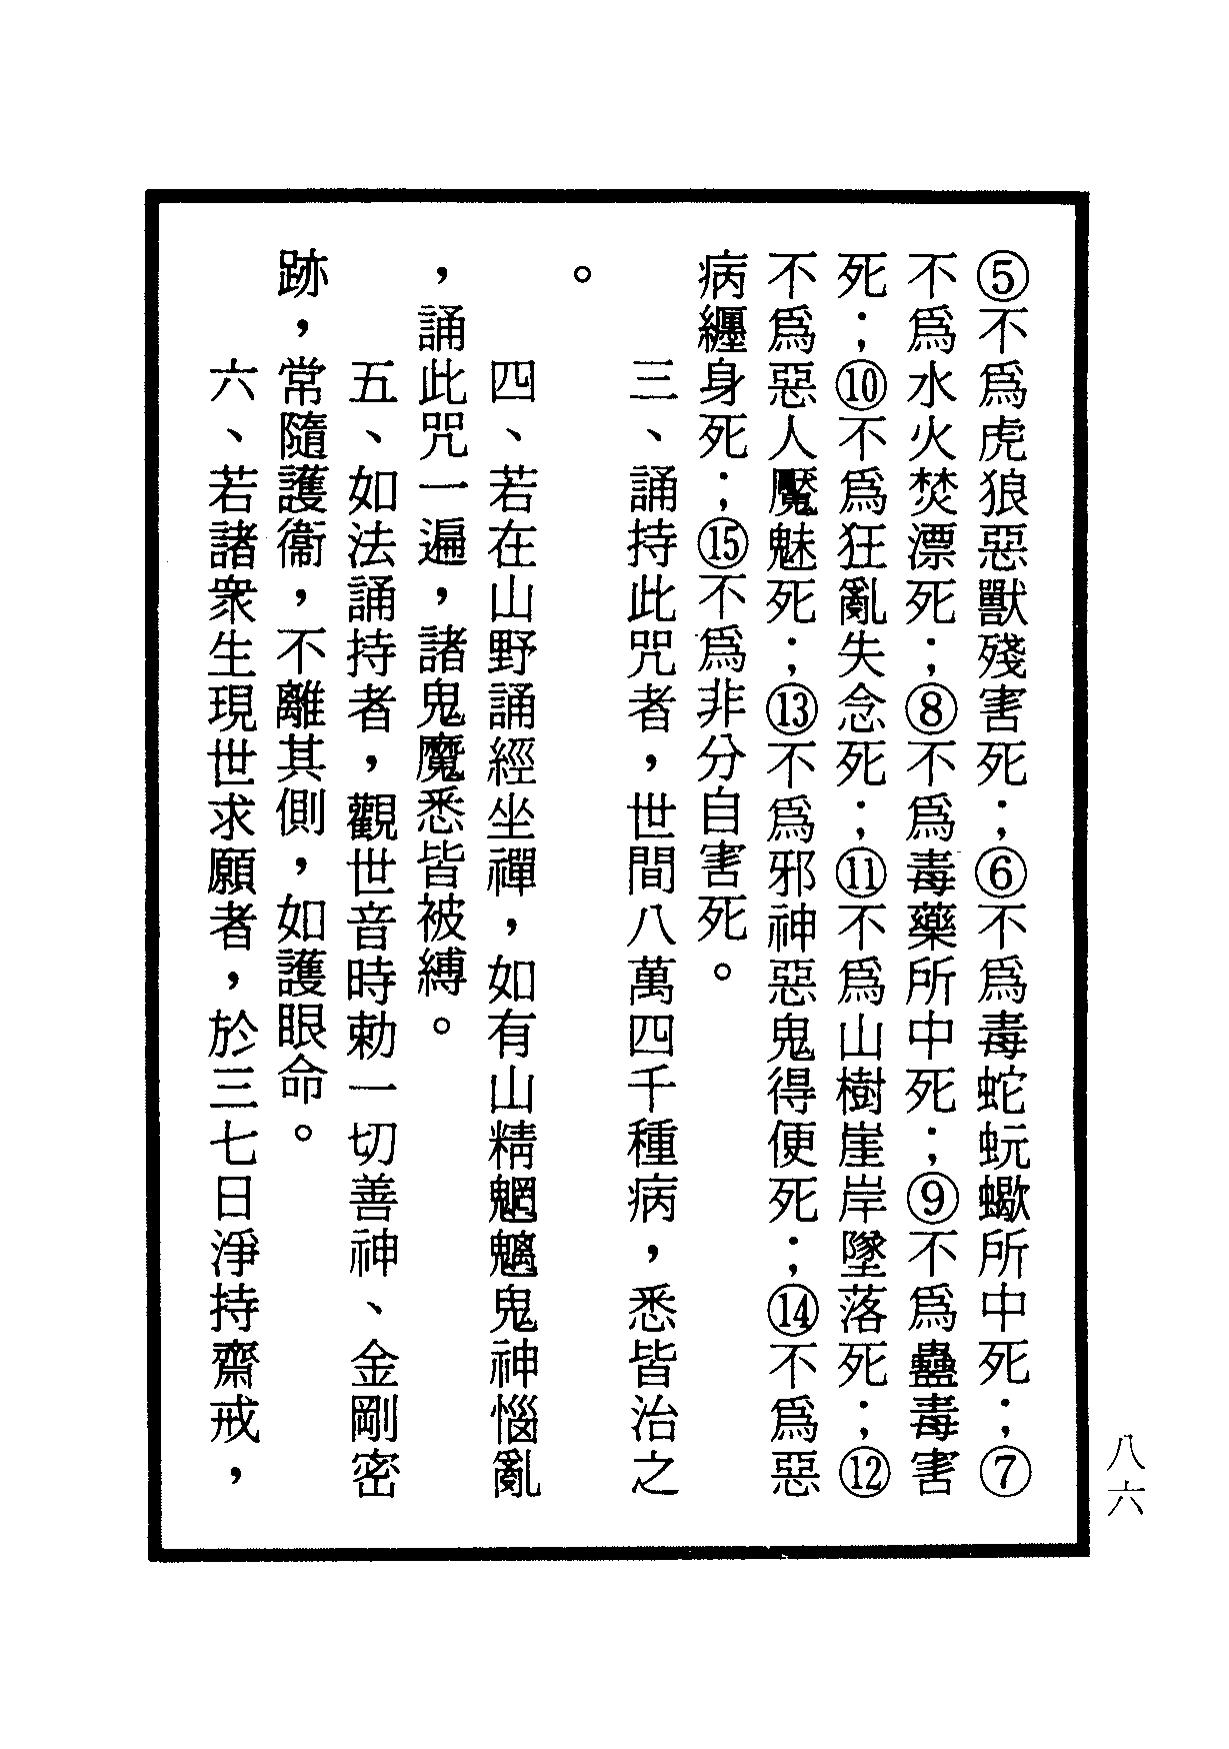 楞嚴咒-大悲咒-十小咒-易背本 92.png